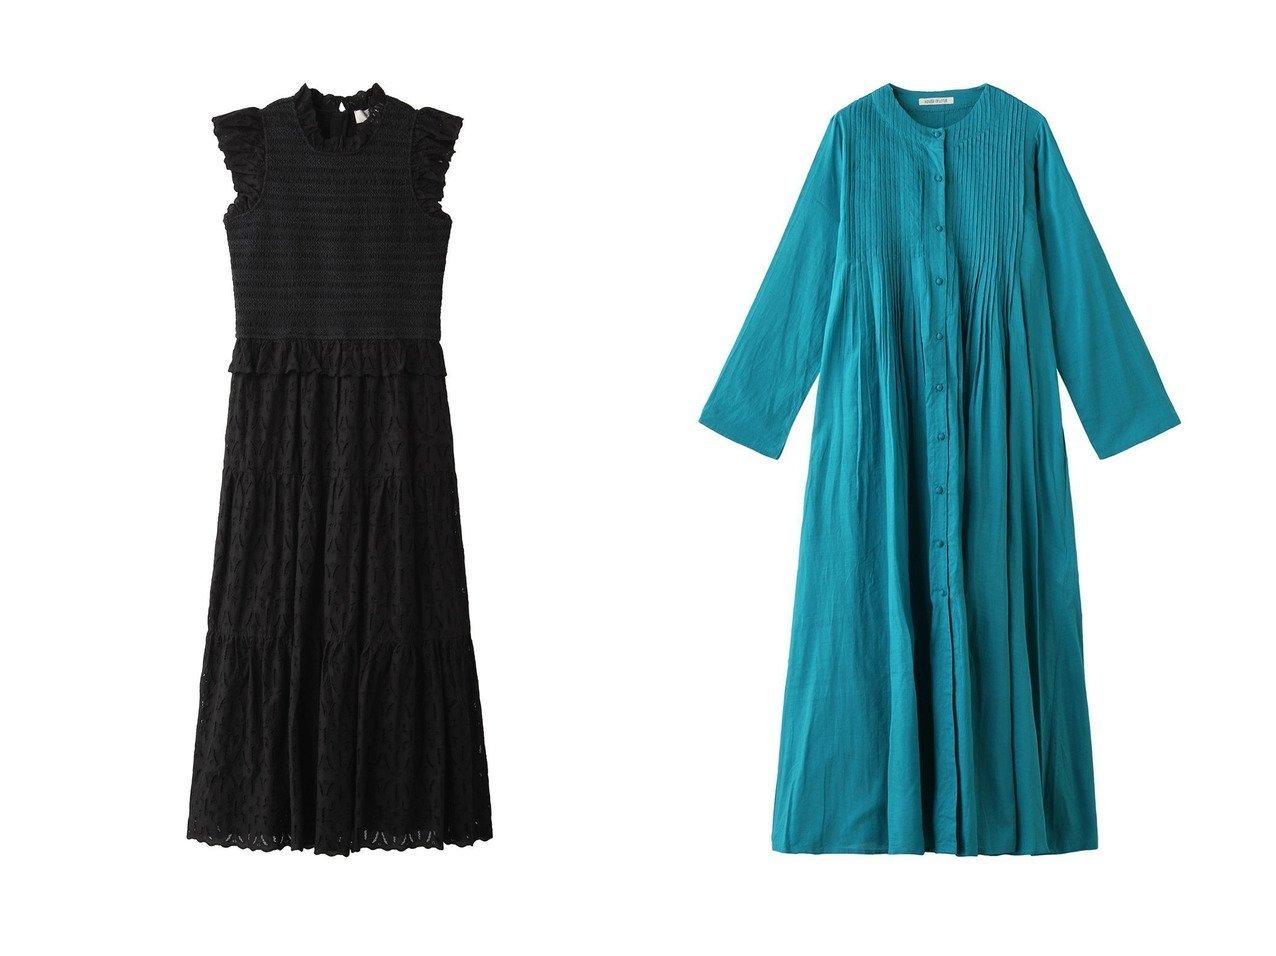 【HOUSE OF LOTUS/ハウス オブ ロータス】のカディコットンタックワンピース&【Sea NEW YORK/シー ニューヨーク】のIngrid スモックミディドレス ワンピース・ドレスのおすすめ!人気、トレンド・レディースファッションの通販 おすすめで人気の流行・トレンド、ファッションの通販商品 メンズファッション・キッズファッション・インテリア・家具・レディースファッション・服の通販 founy(ファニー) https://founy.com/ ファッション Fashion レディースファッション WOMEN ワンピース Dress ドレス Party Dresses 2021年 2021 2021 春夏 S/S SS Spring/Summer 2021 S/S 春夏 SS Spring/Summer スリム ドレス パーティ フリル フレア ロング 春 Spring |ID:crp329100000013084